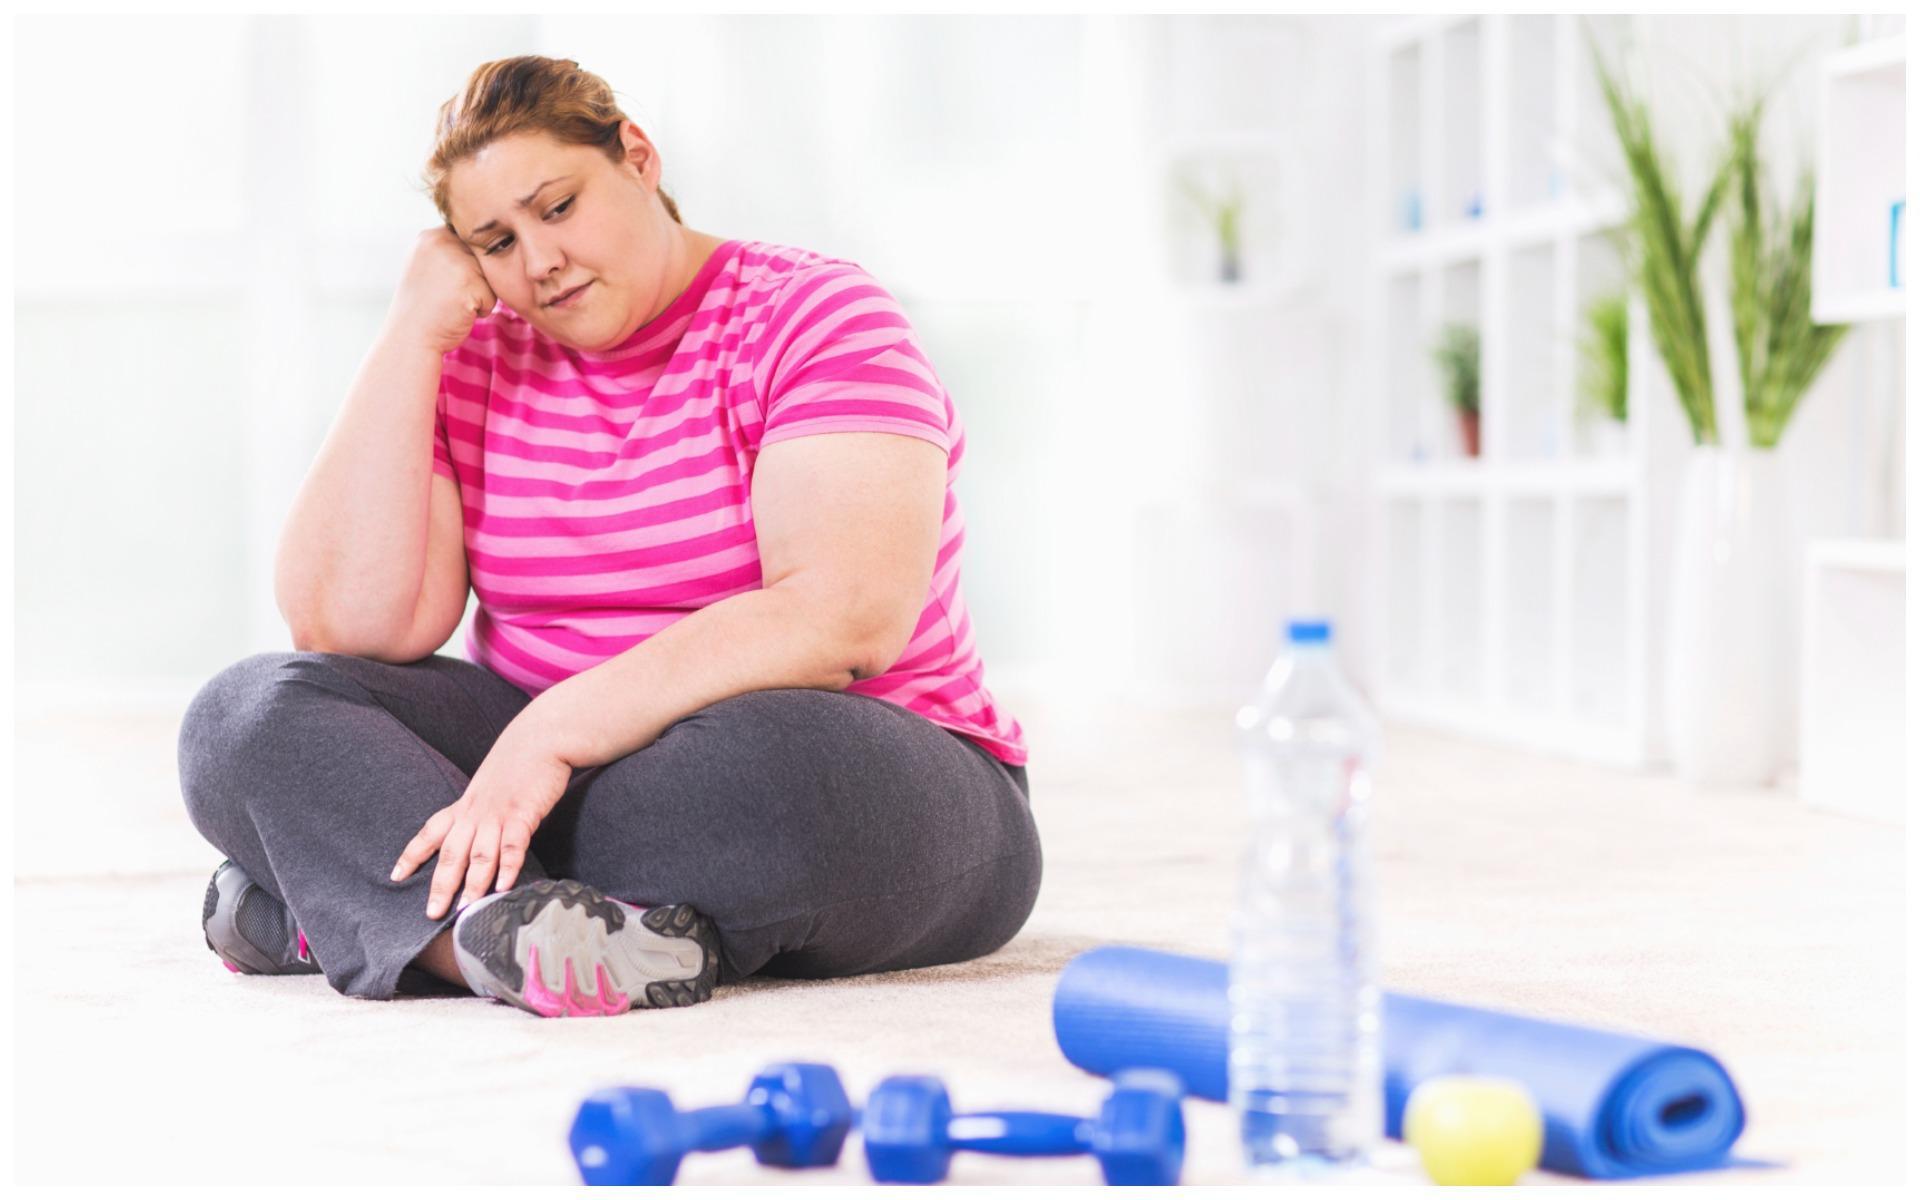 Фильмы Помогающие Похудеть. Фильмы про толстых девушек, которые похудели: список лучших